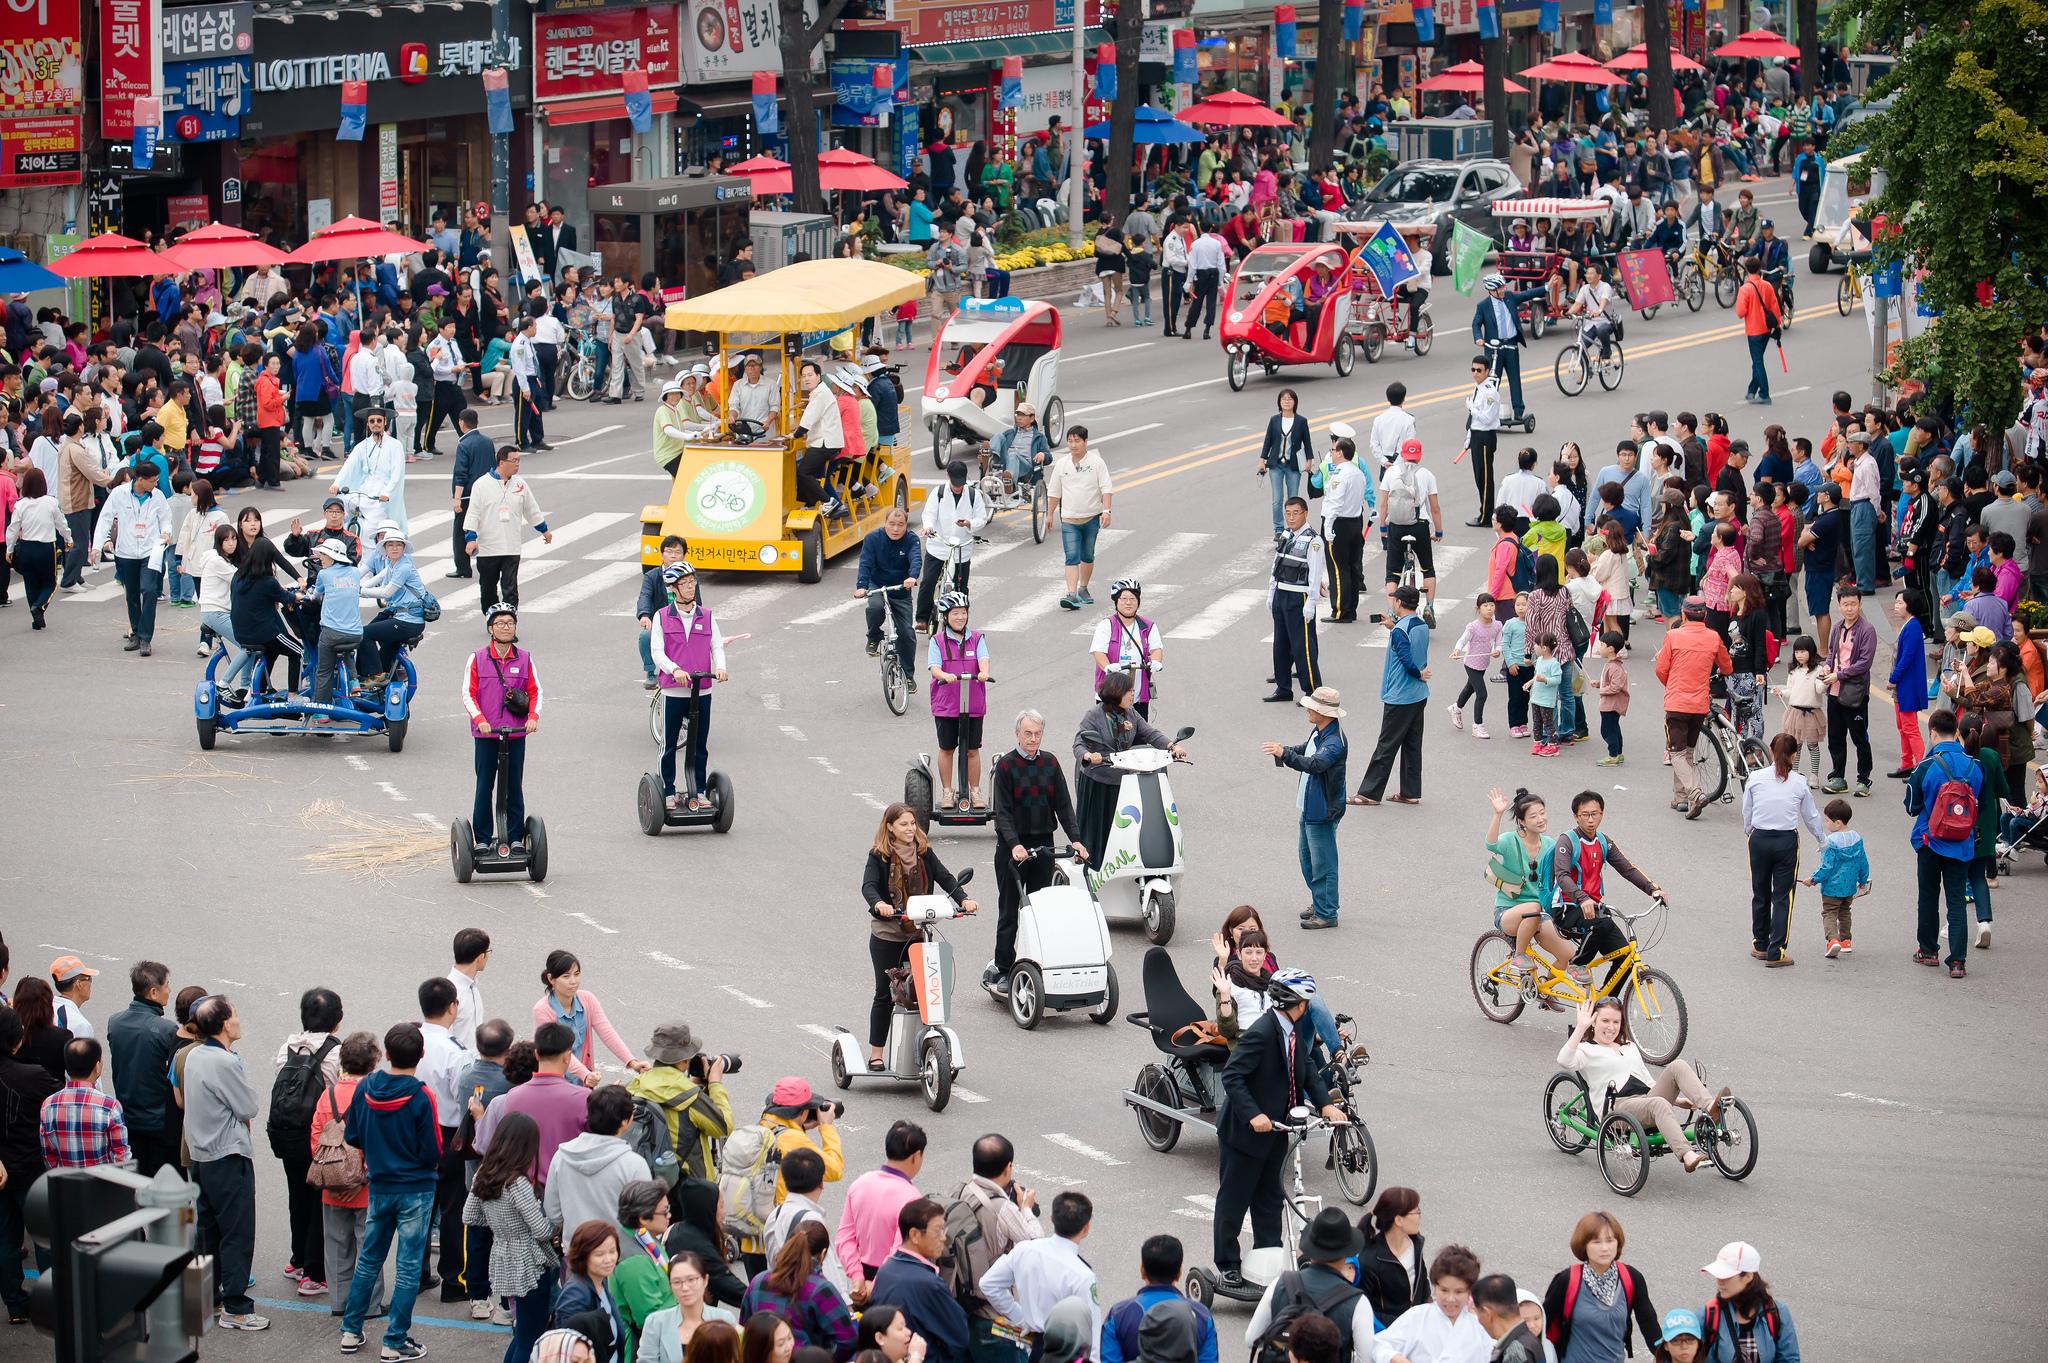 Previous host nations for EcoMobility were South Africa and South Korea. Image courtesy Ecomobility.org